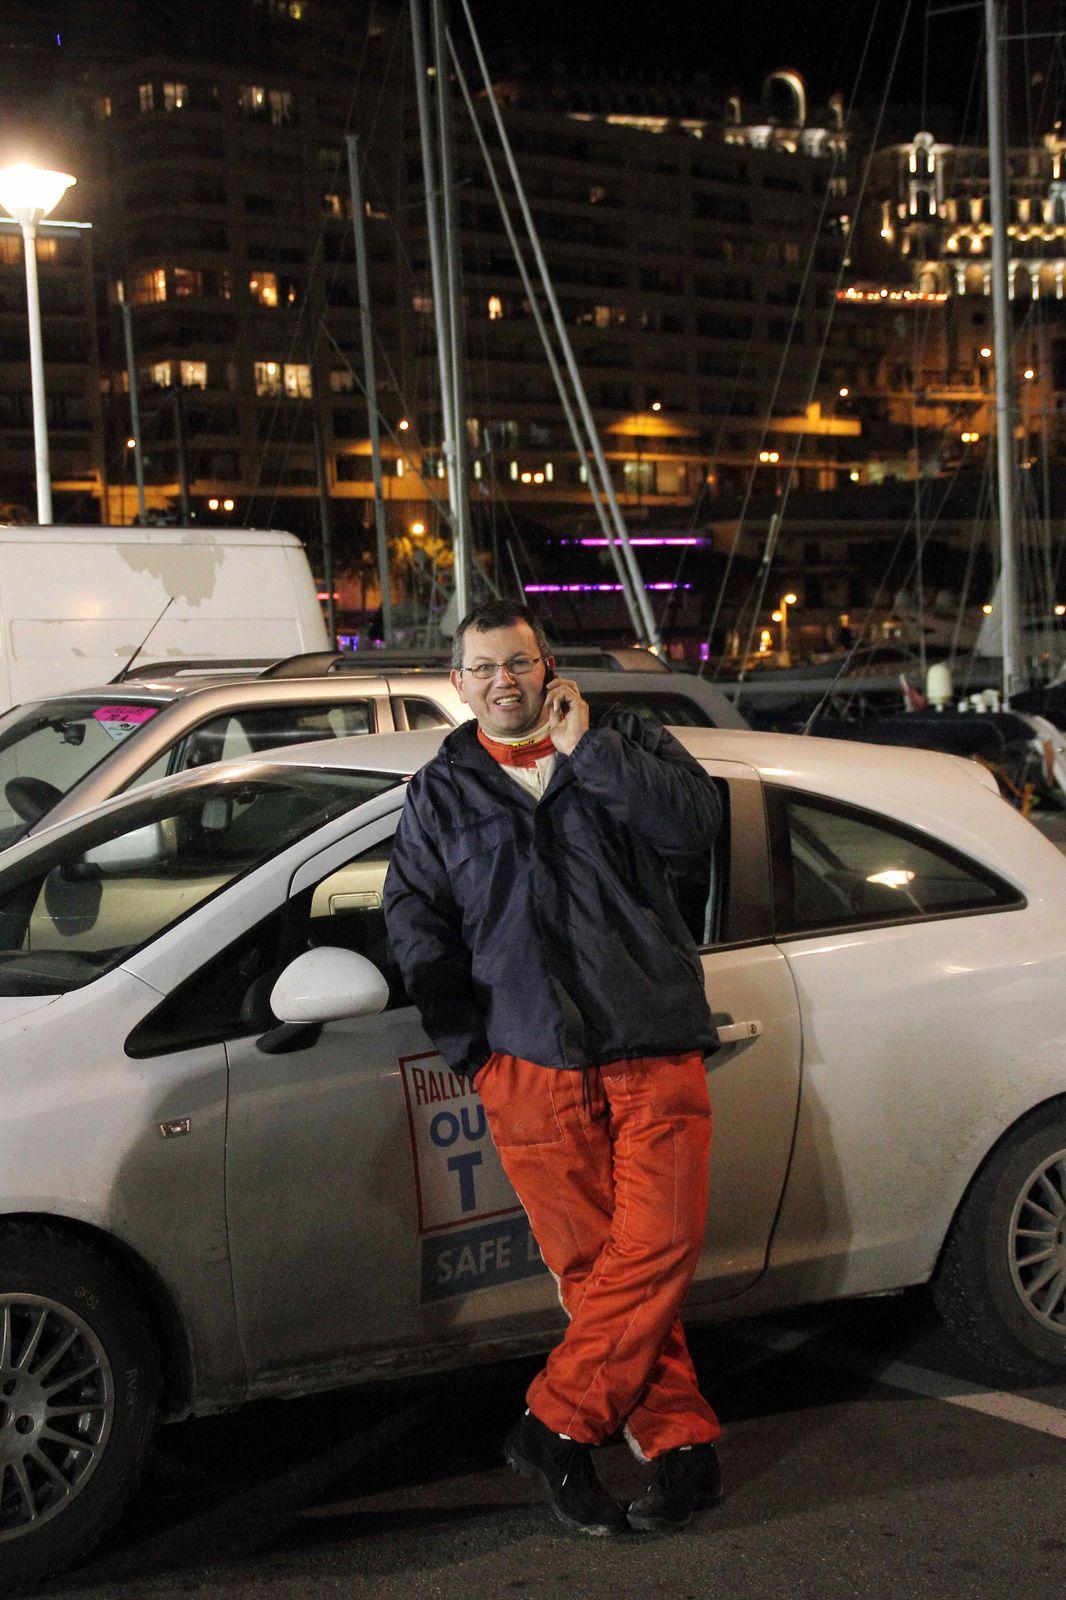 le 18 janvier avant la speciale de Sisteron Thoard et arrivee a Monaco